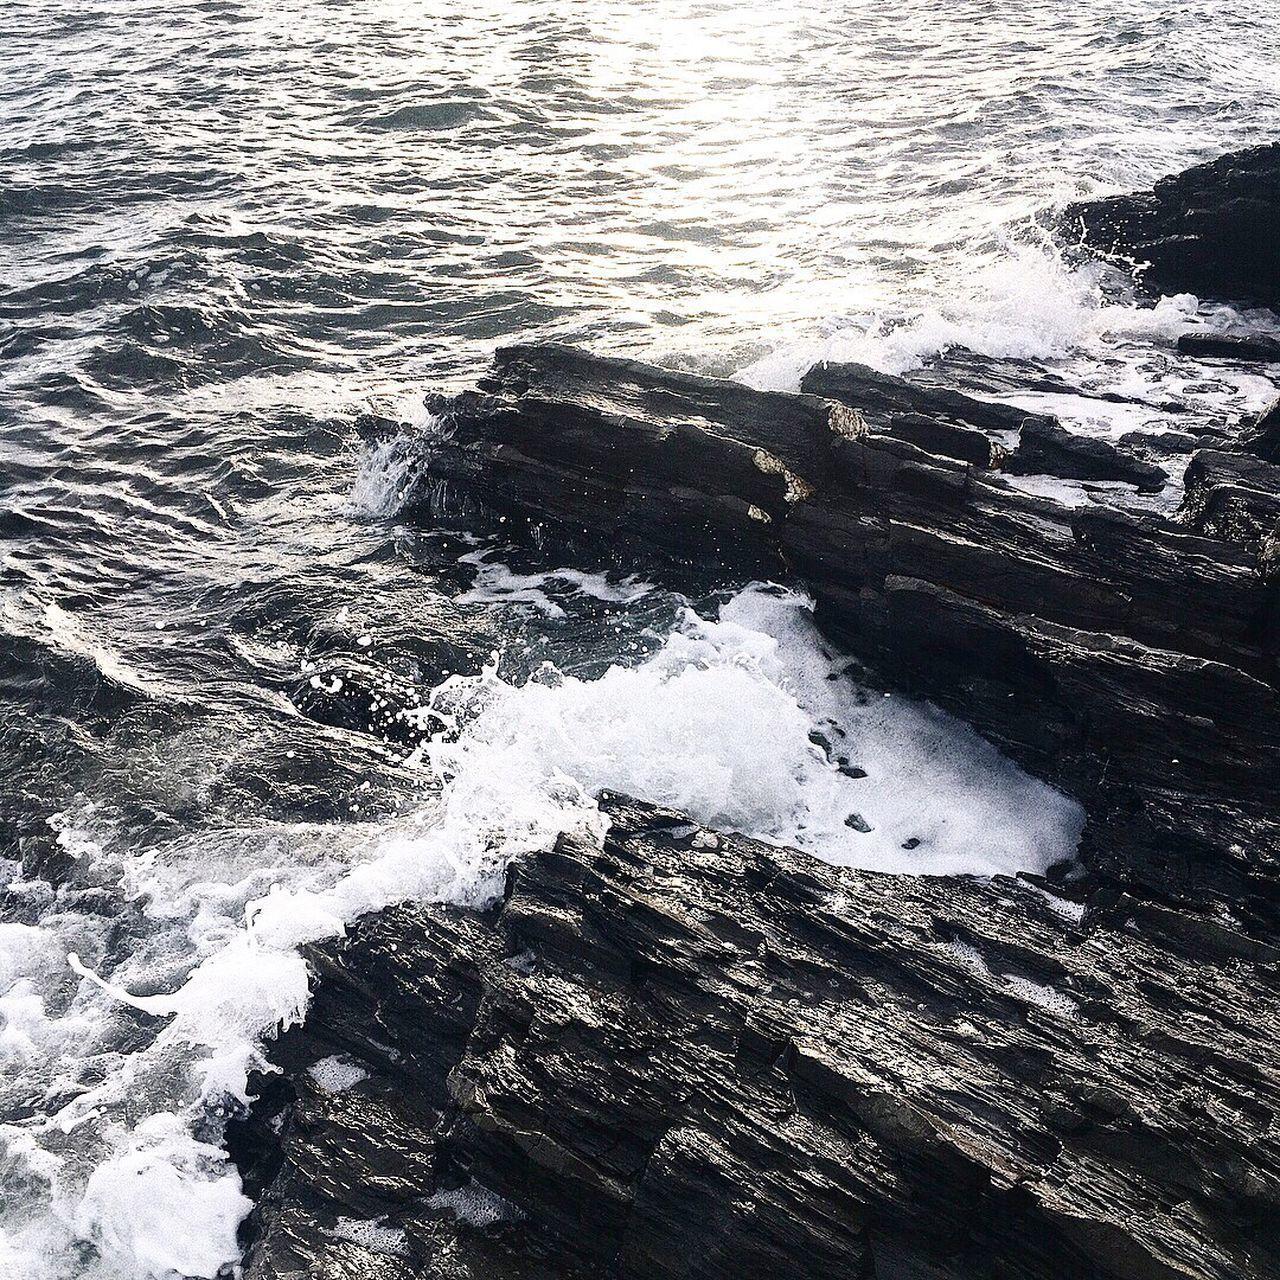 HIGH ANGLE VIEW OF WAVES ON SEA